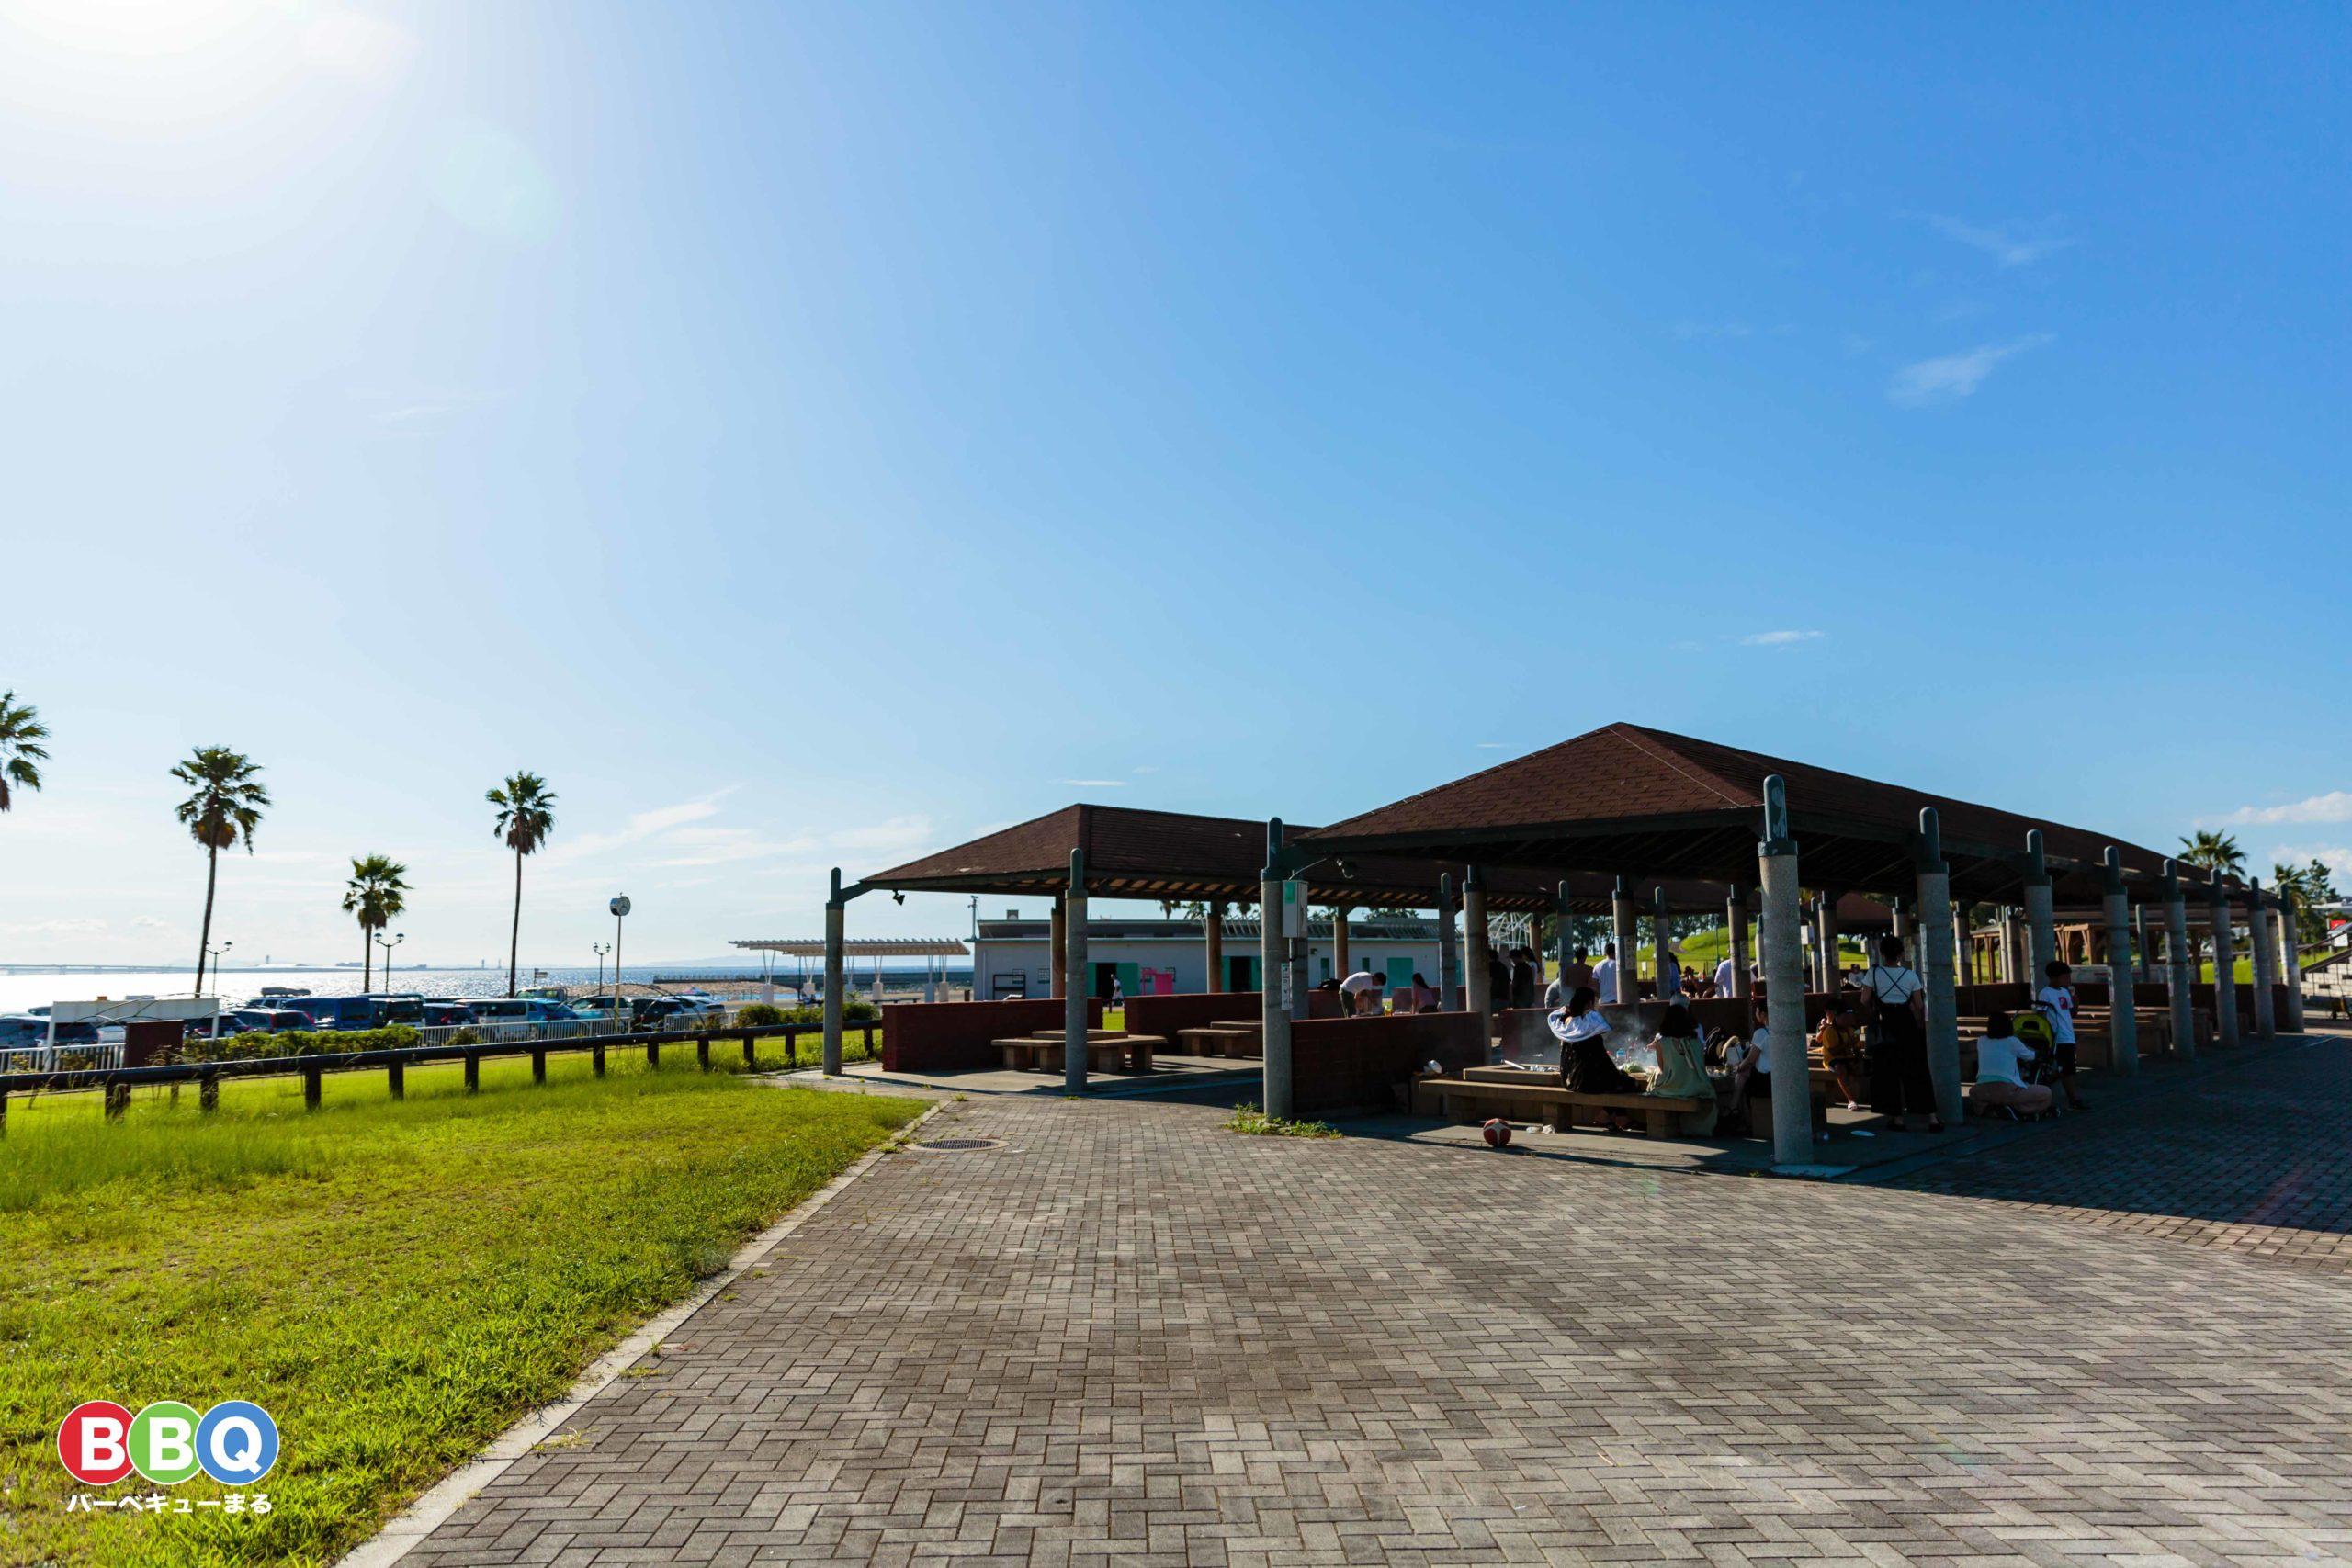 二色の浜公園海浜緑地有料BBQ施設の全景